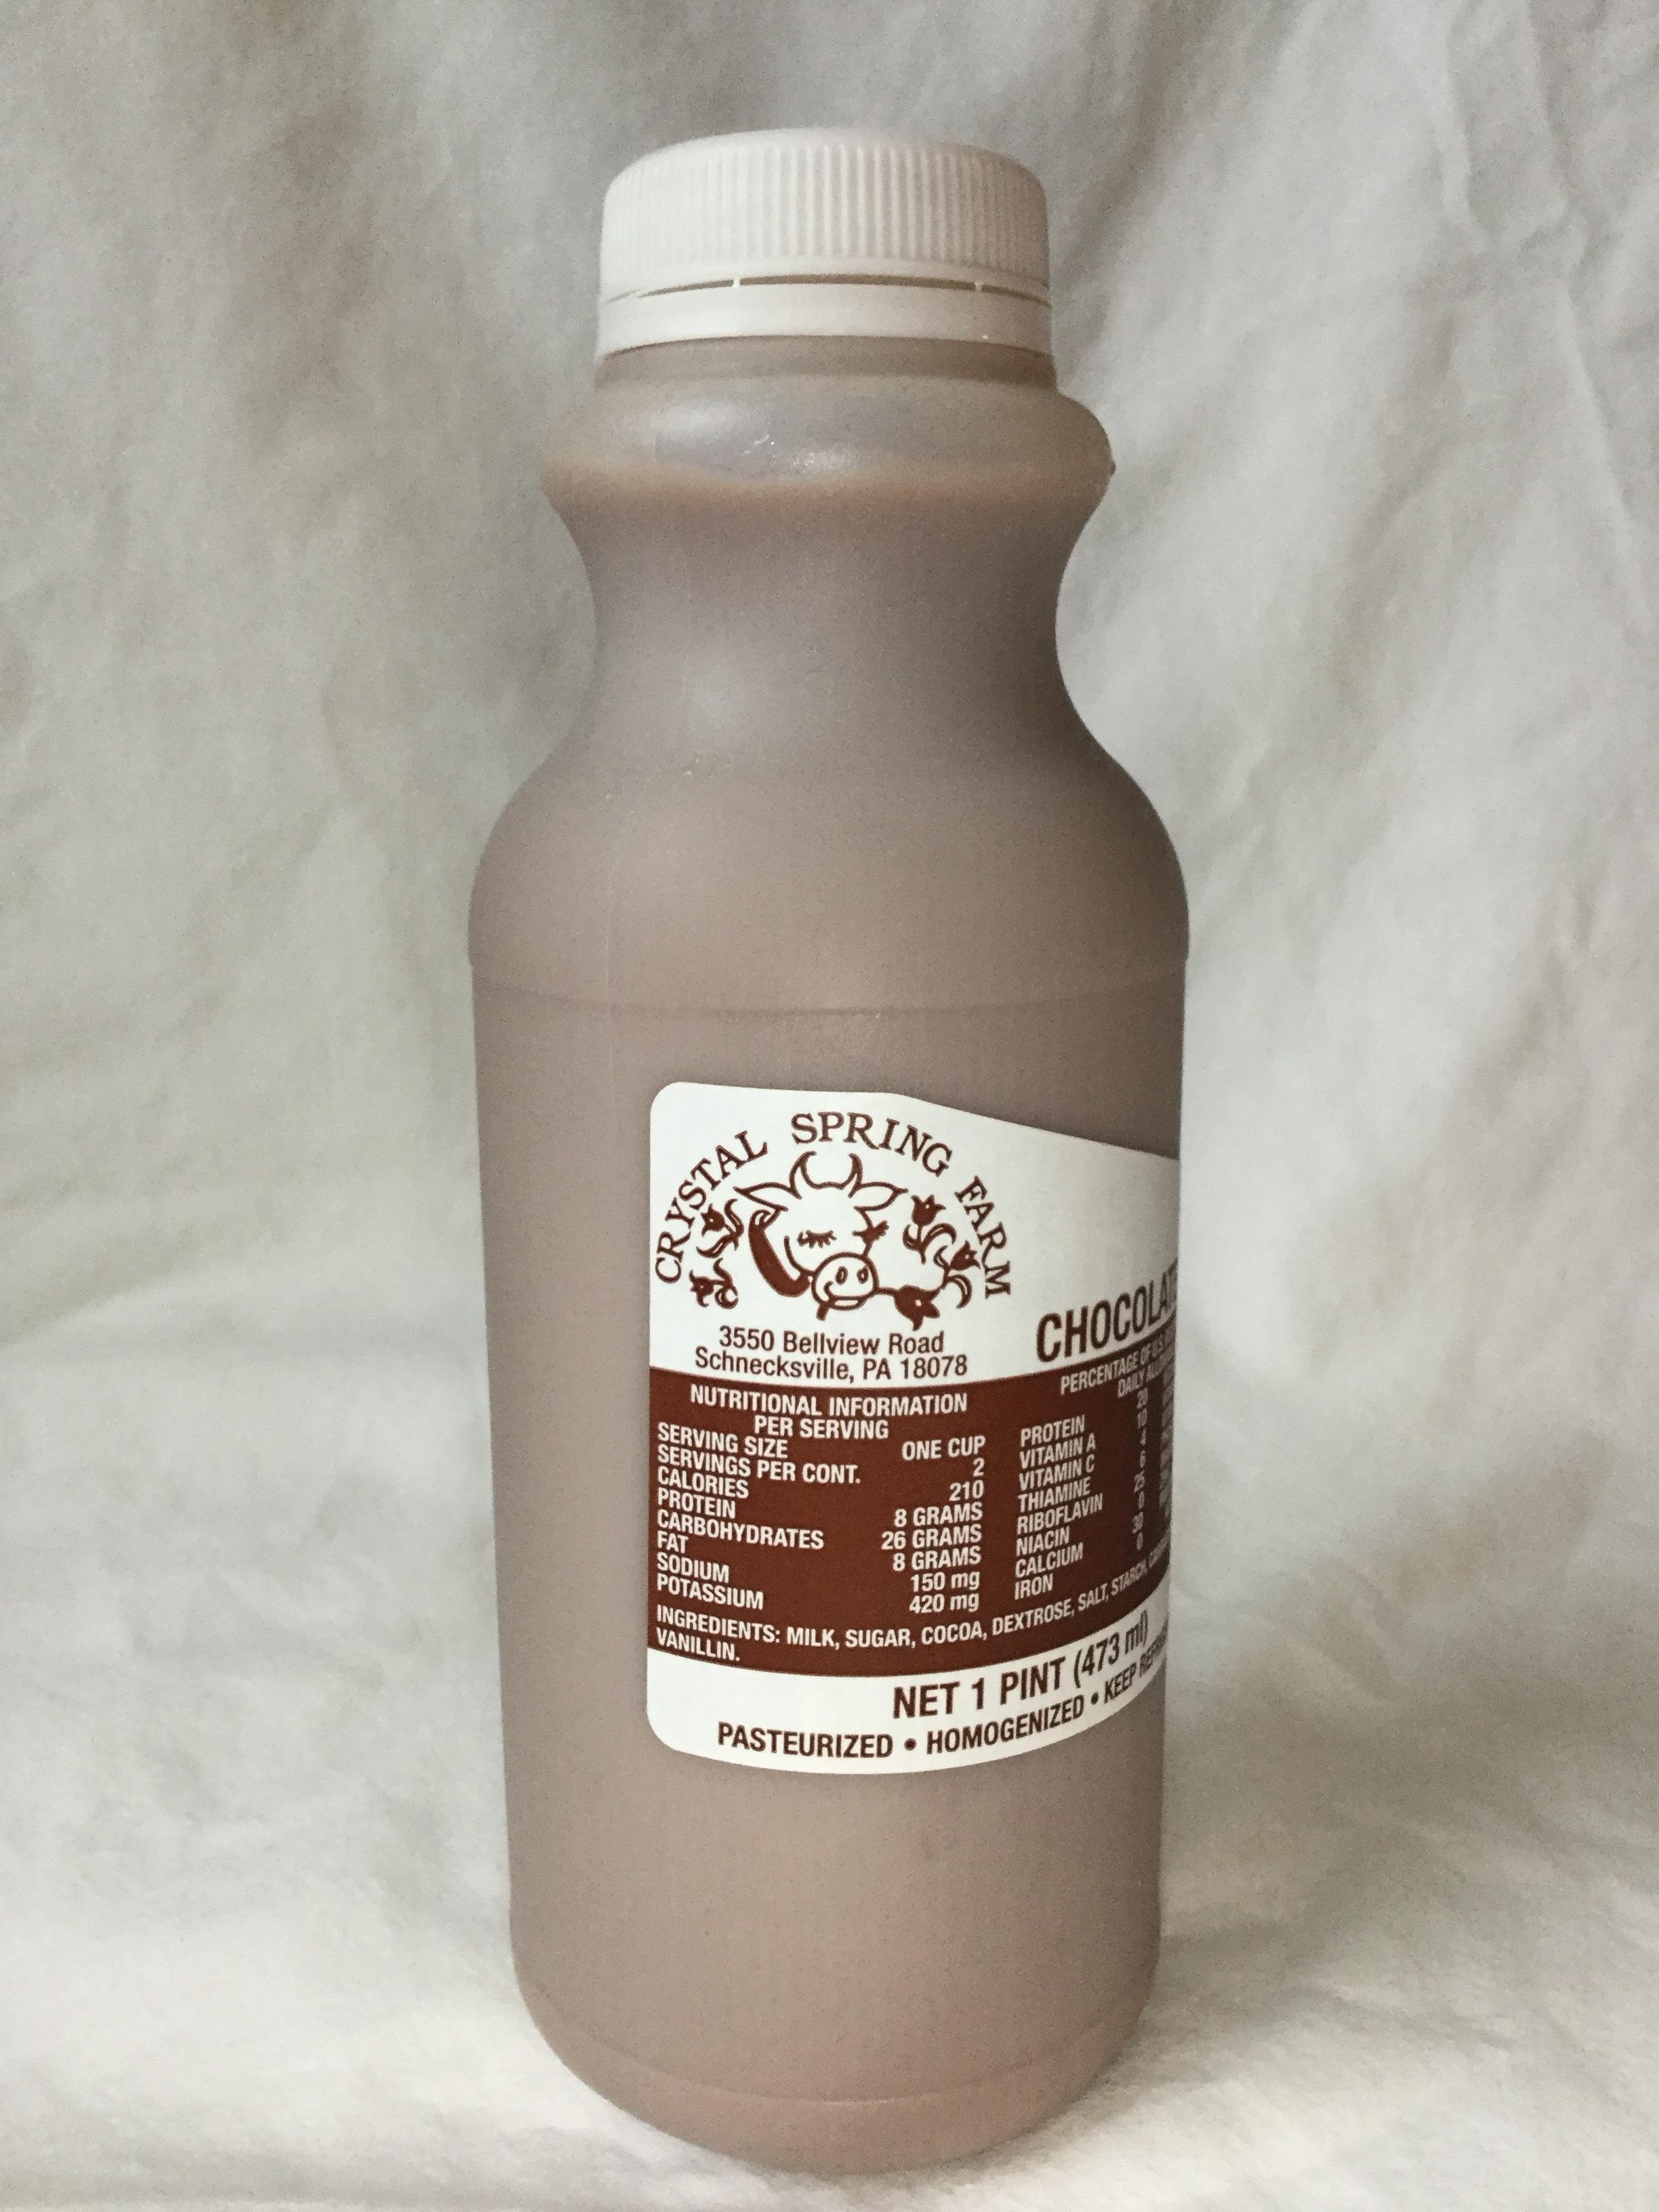 Crystal Spring Farm Chocolate Milk Side 1